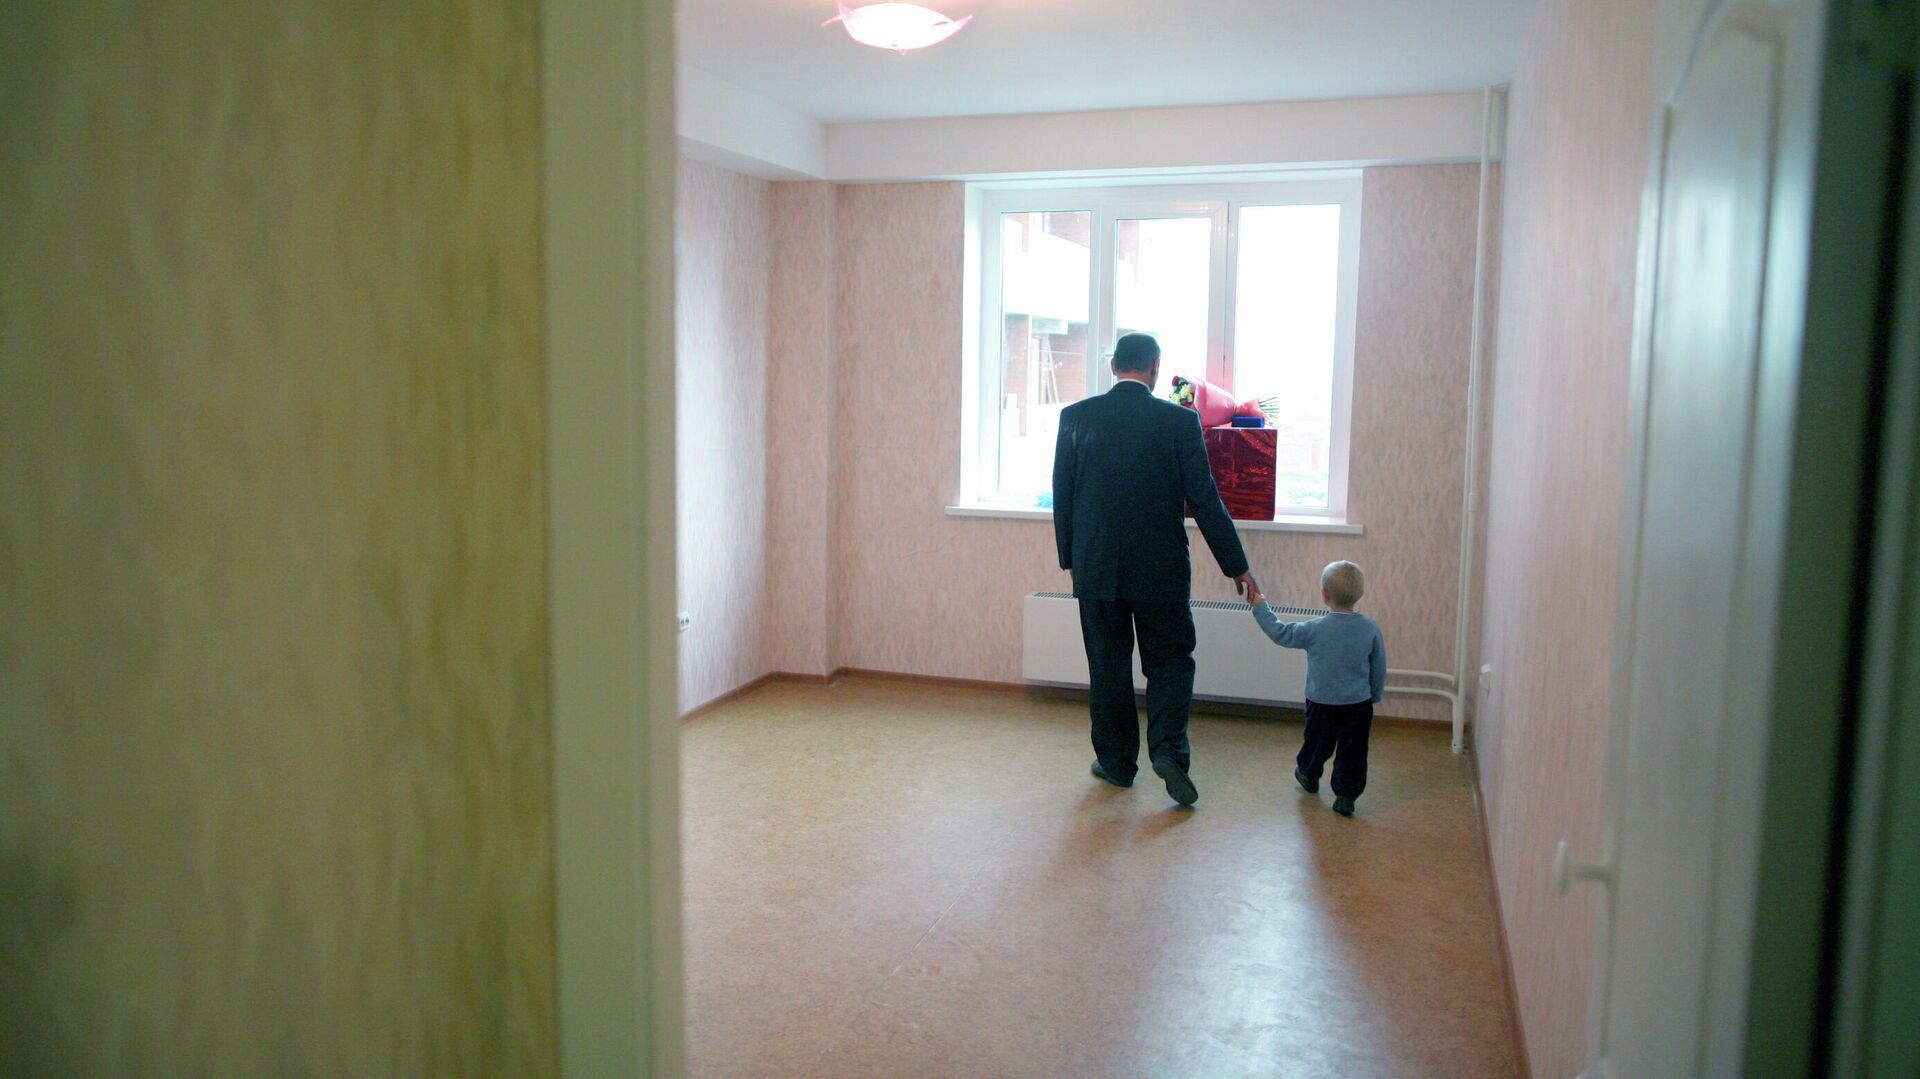 Заселение в новую квартиру - РИА Новости, 1920, 27.01.2021